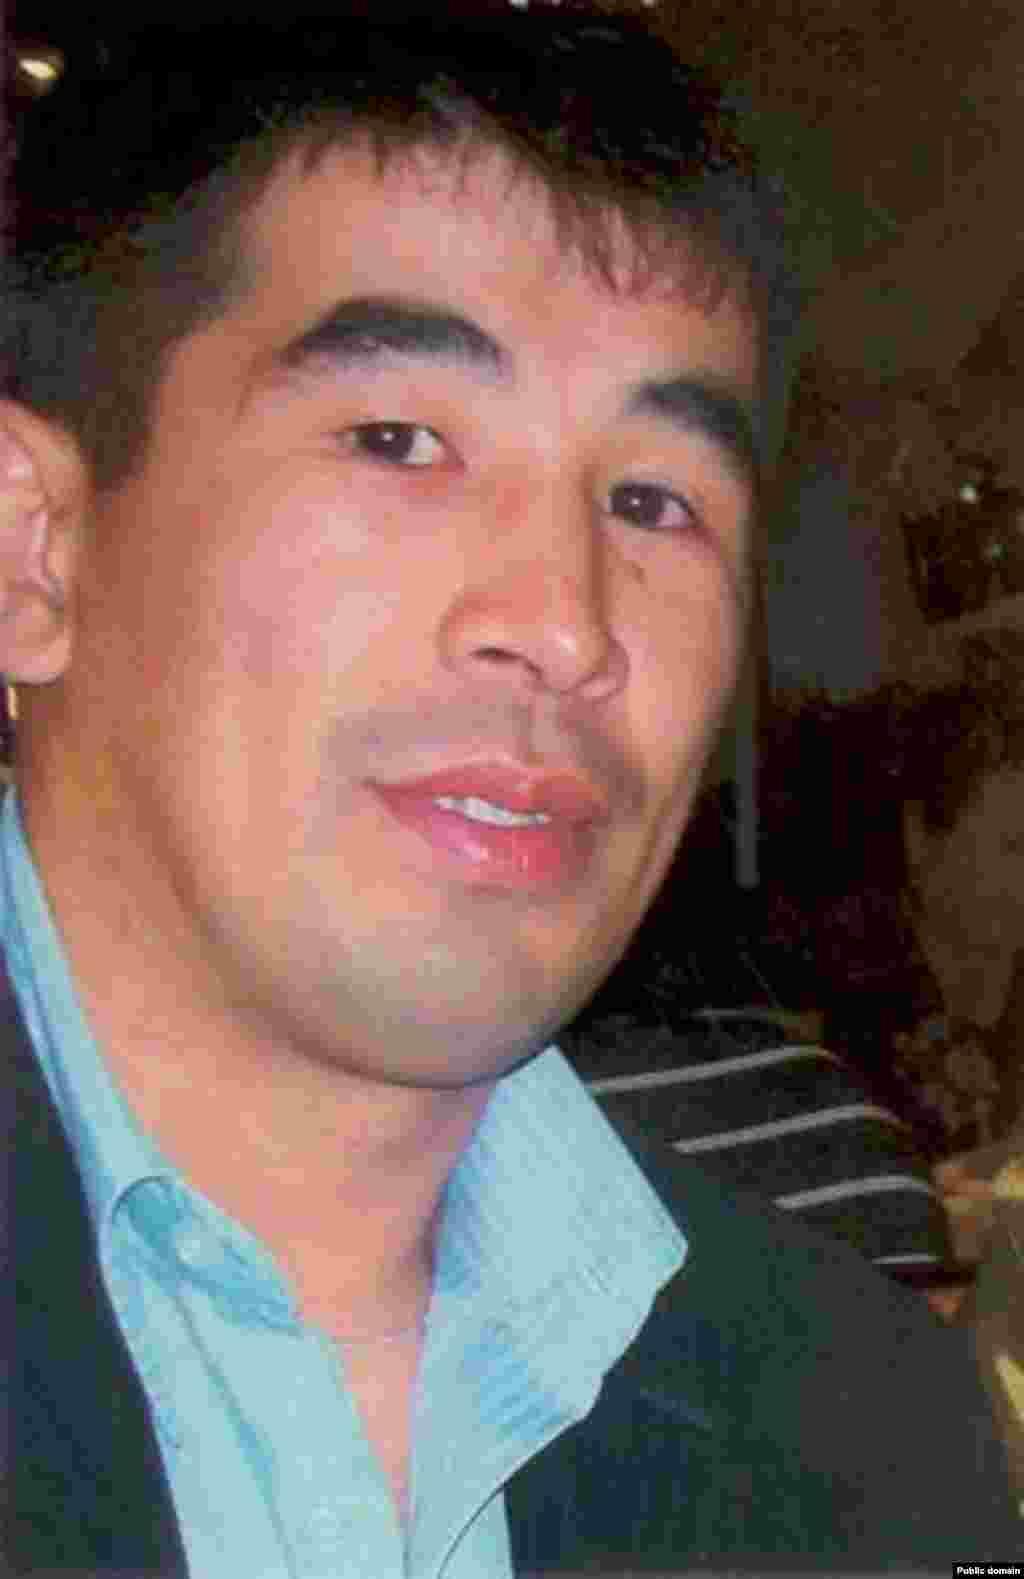 Джанаберген Кушеров был убит 16 декабря 2011 года в городе Жанаозен.